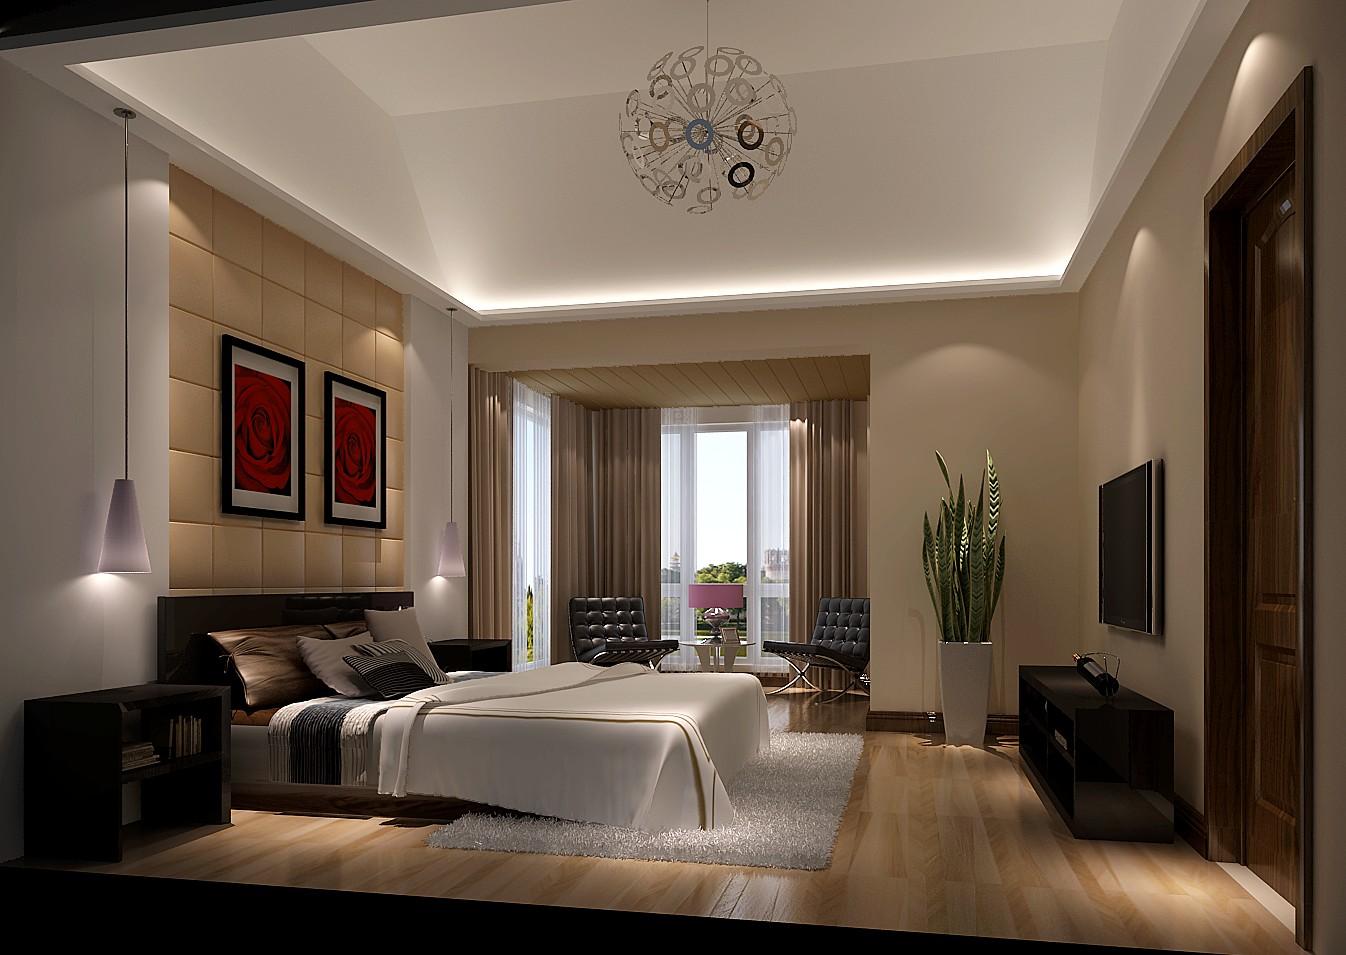 别墅 托斯卡纳 别墅设计 混搭 收纳 卧室图片来自say简单在欧郡香水城托斯卡纳风的分享